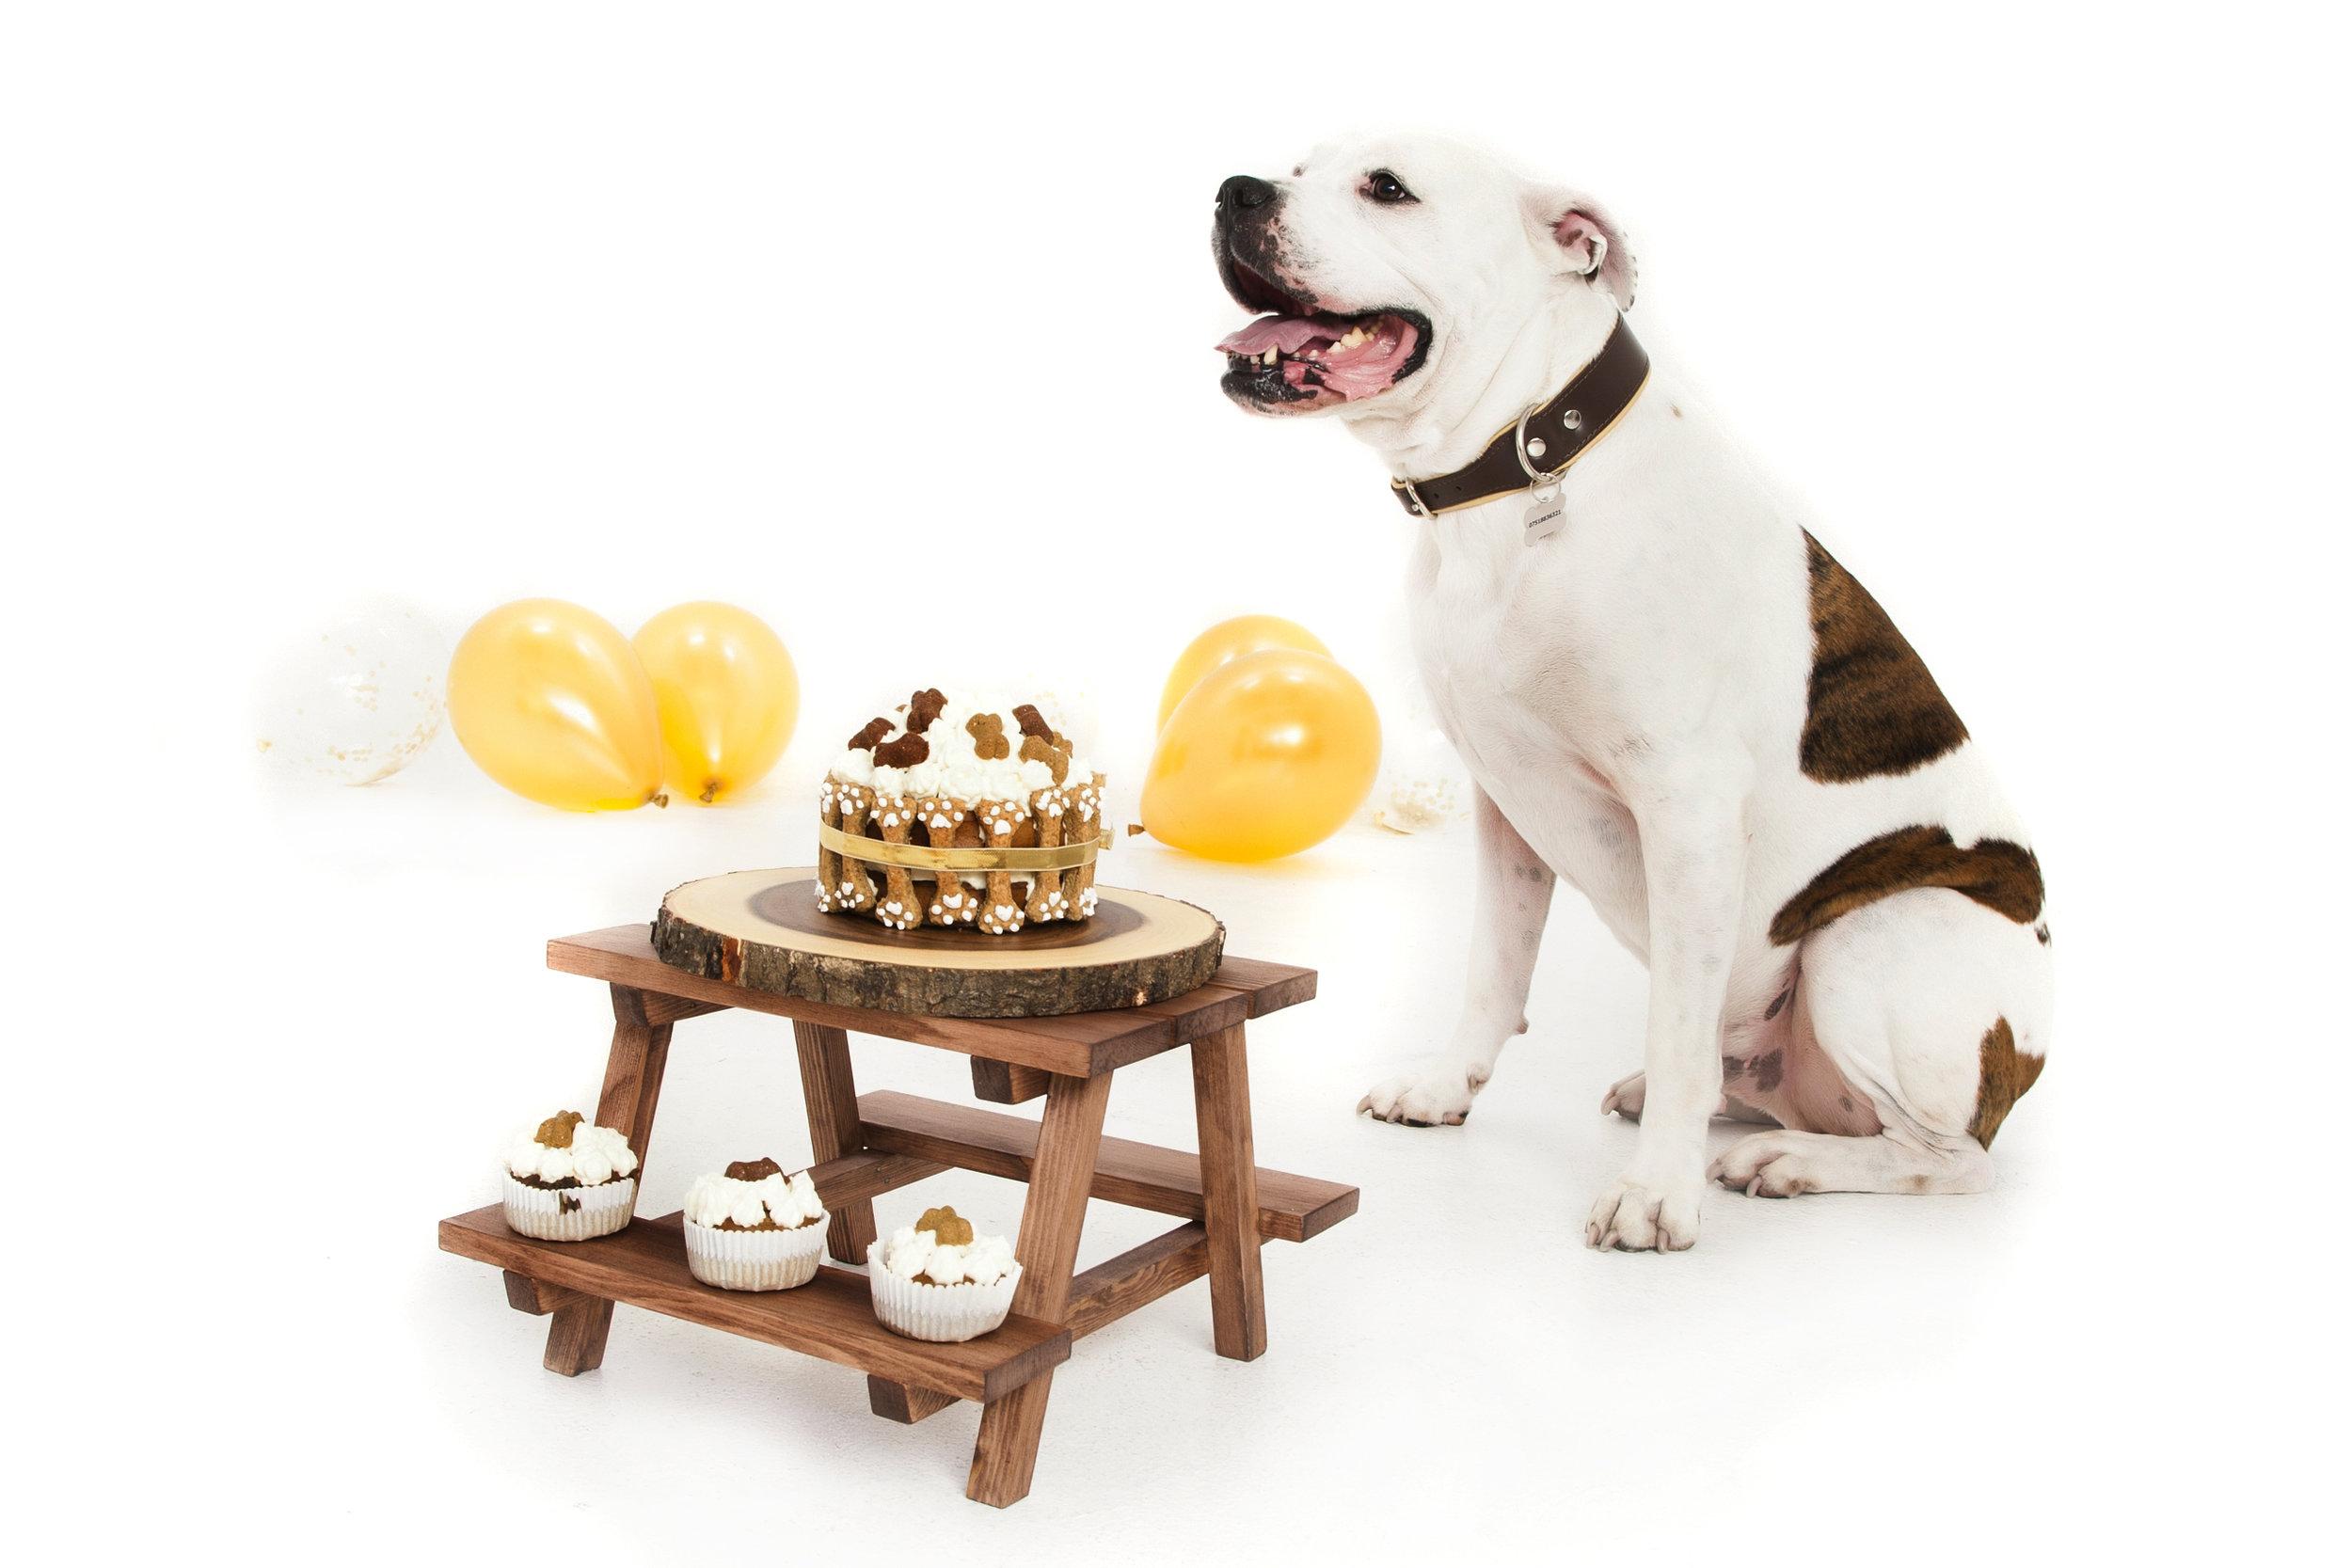 pet-portraits-dog-cake-smash-animal-photography-zigzag-zig-zag-photographers.JPG